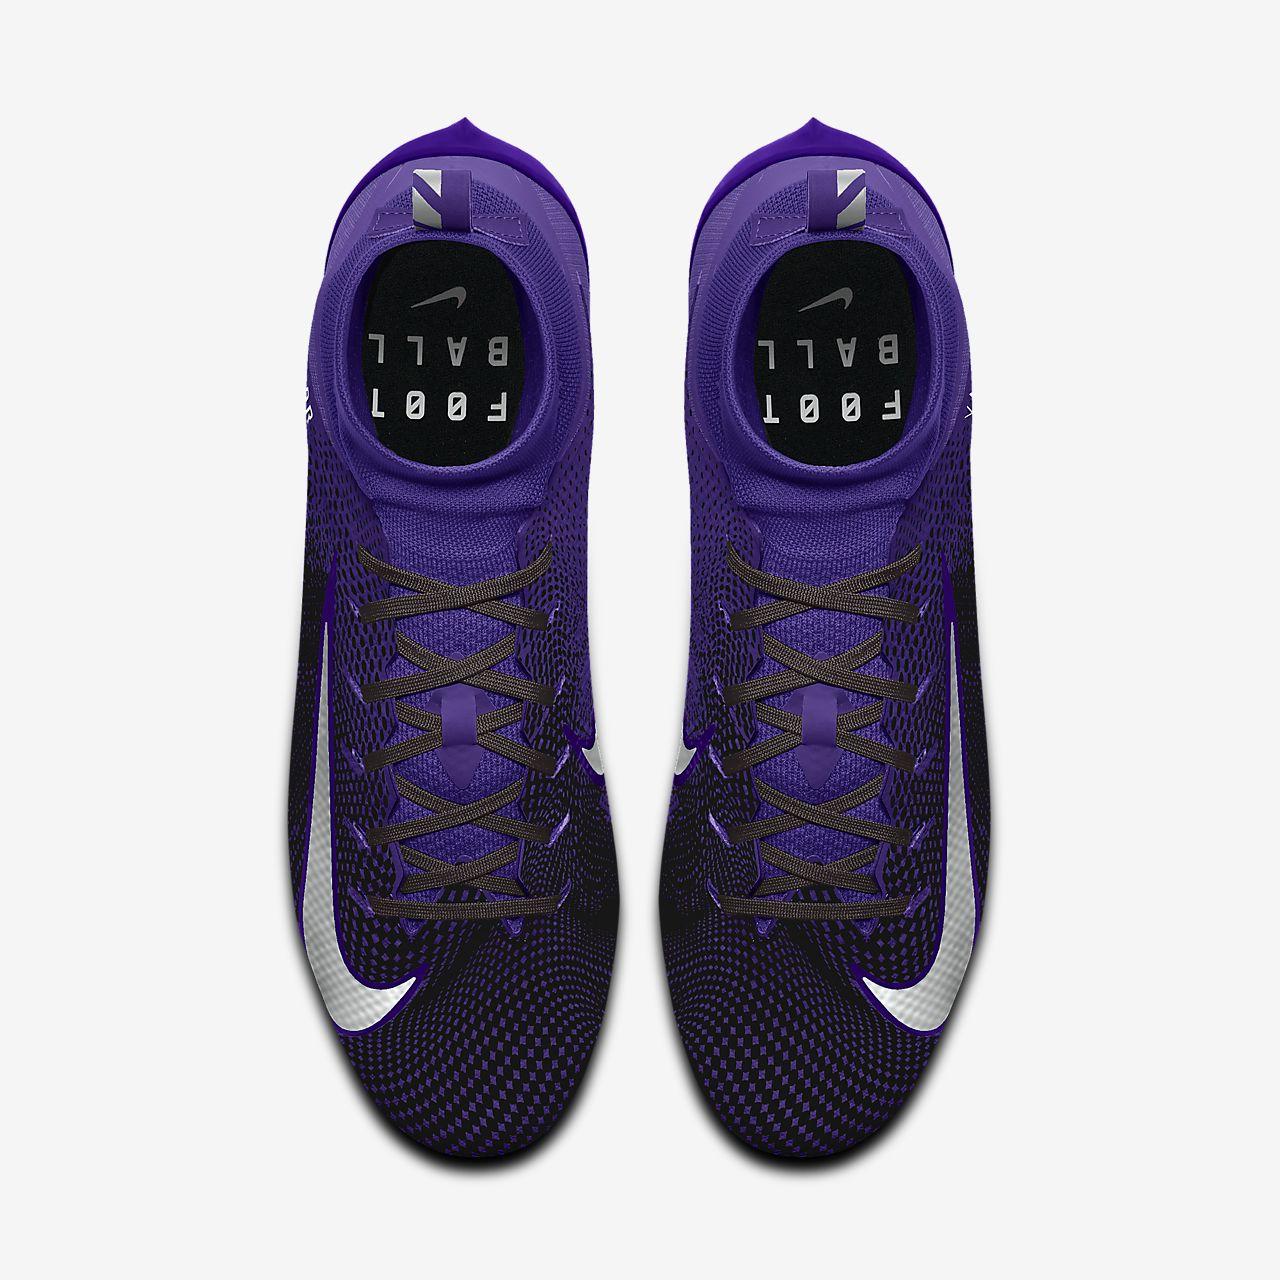 Chuteira FA Nike Vapor Untouchable Pro 3 | Fronteira Sports